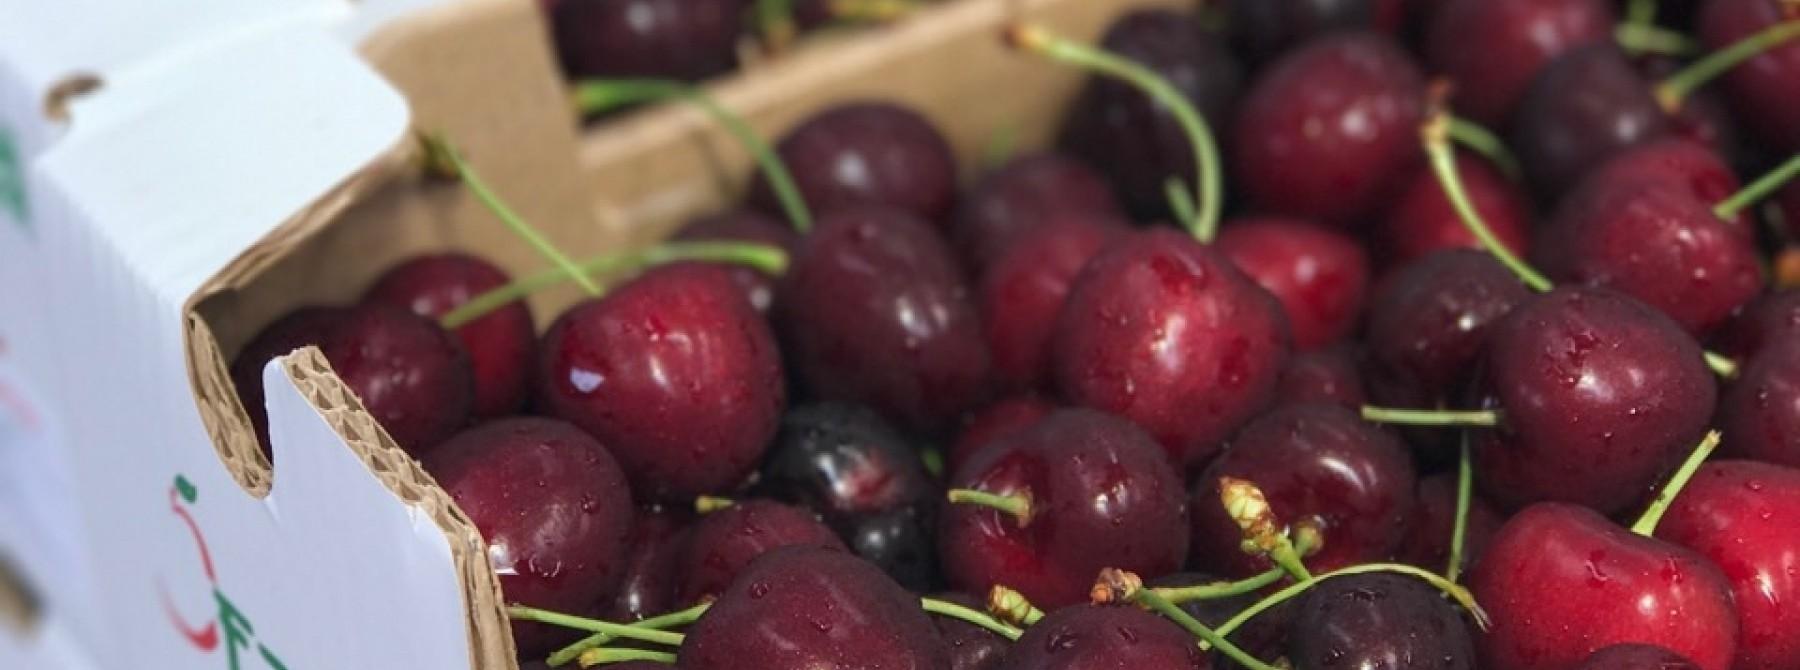 τα ποιοτικότερα φρούτα